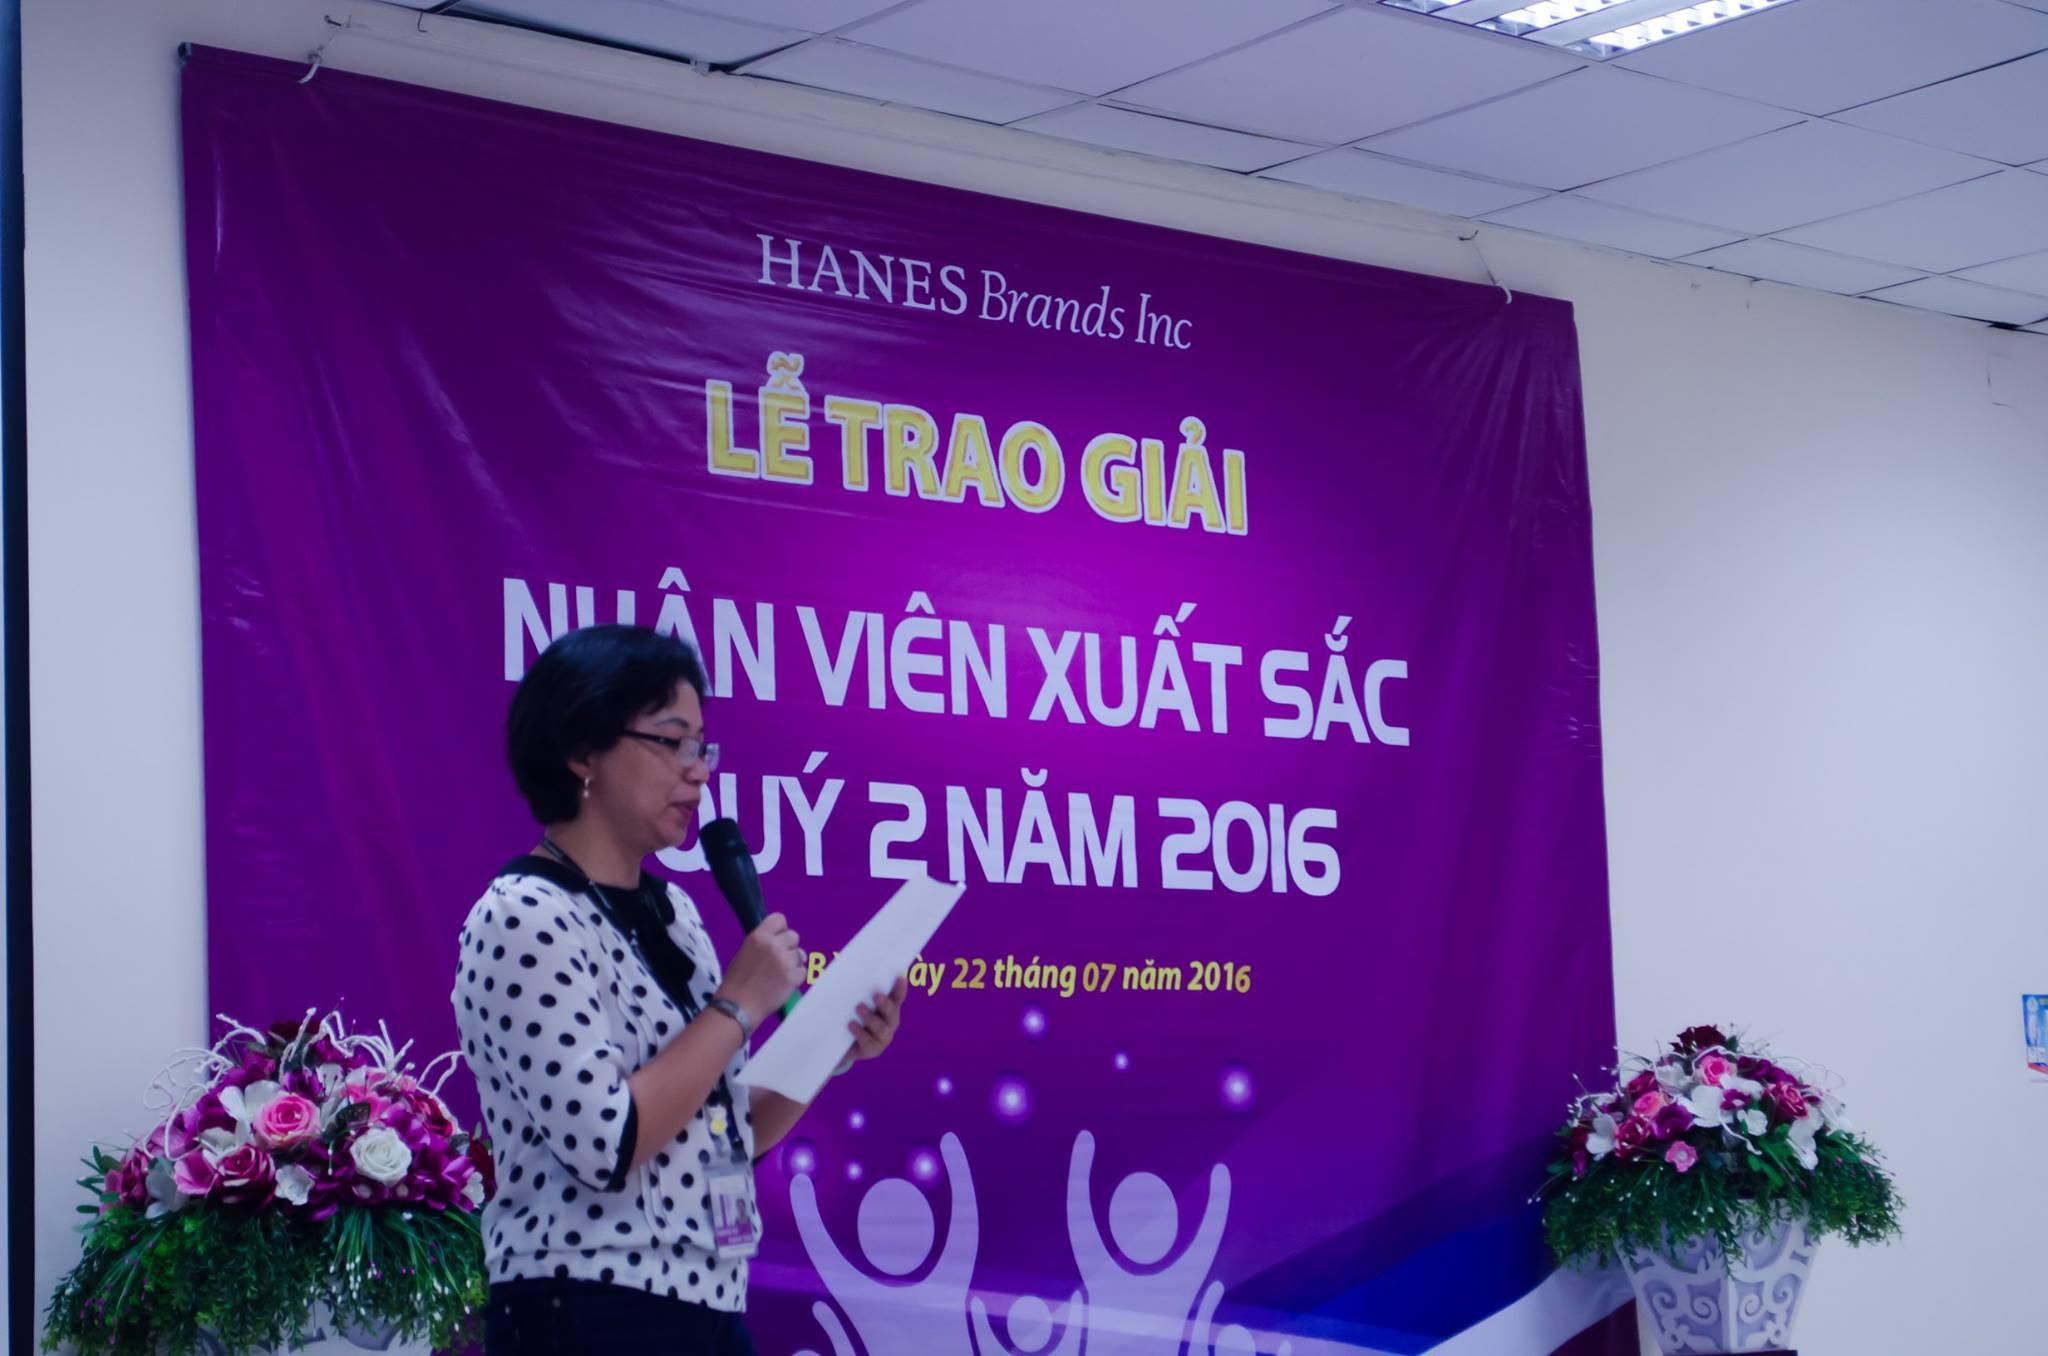 Hanesbrands Vietnam